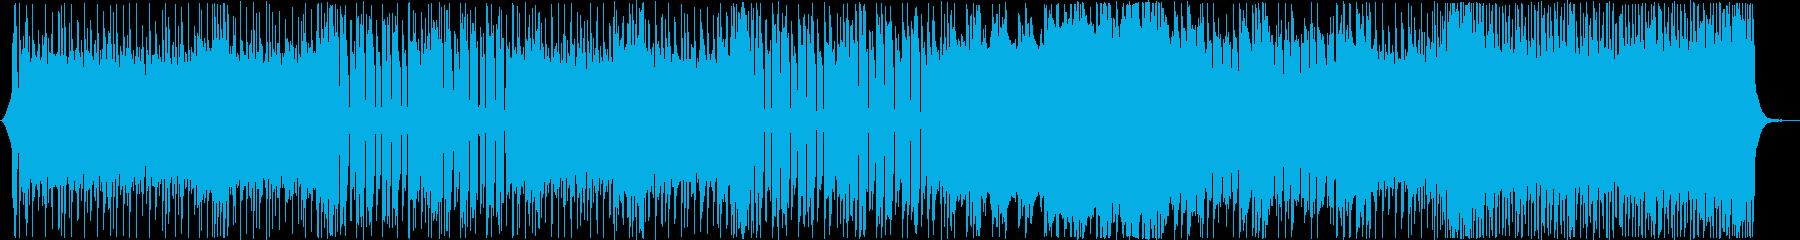 重低音がおしゃれなメロディーの再生済みの波形